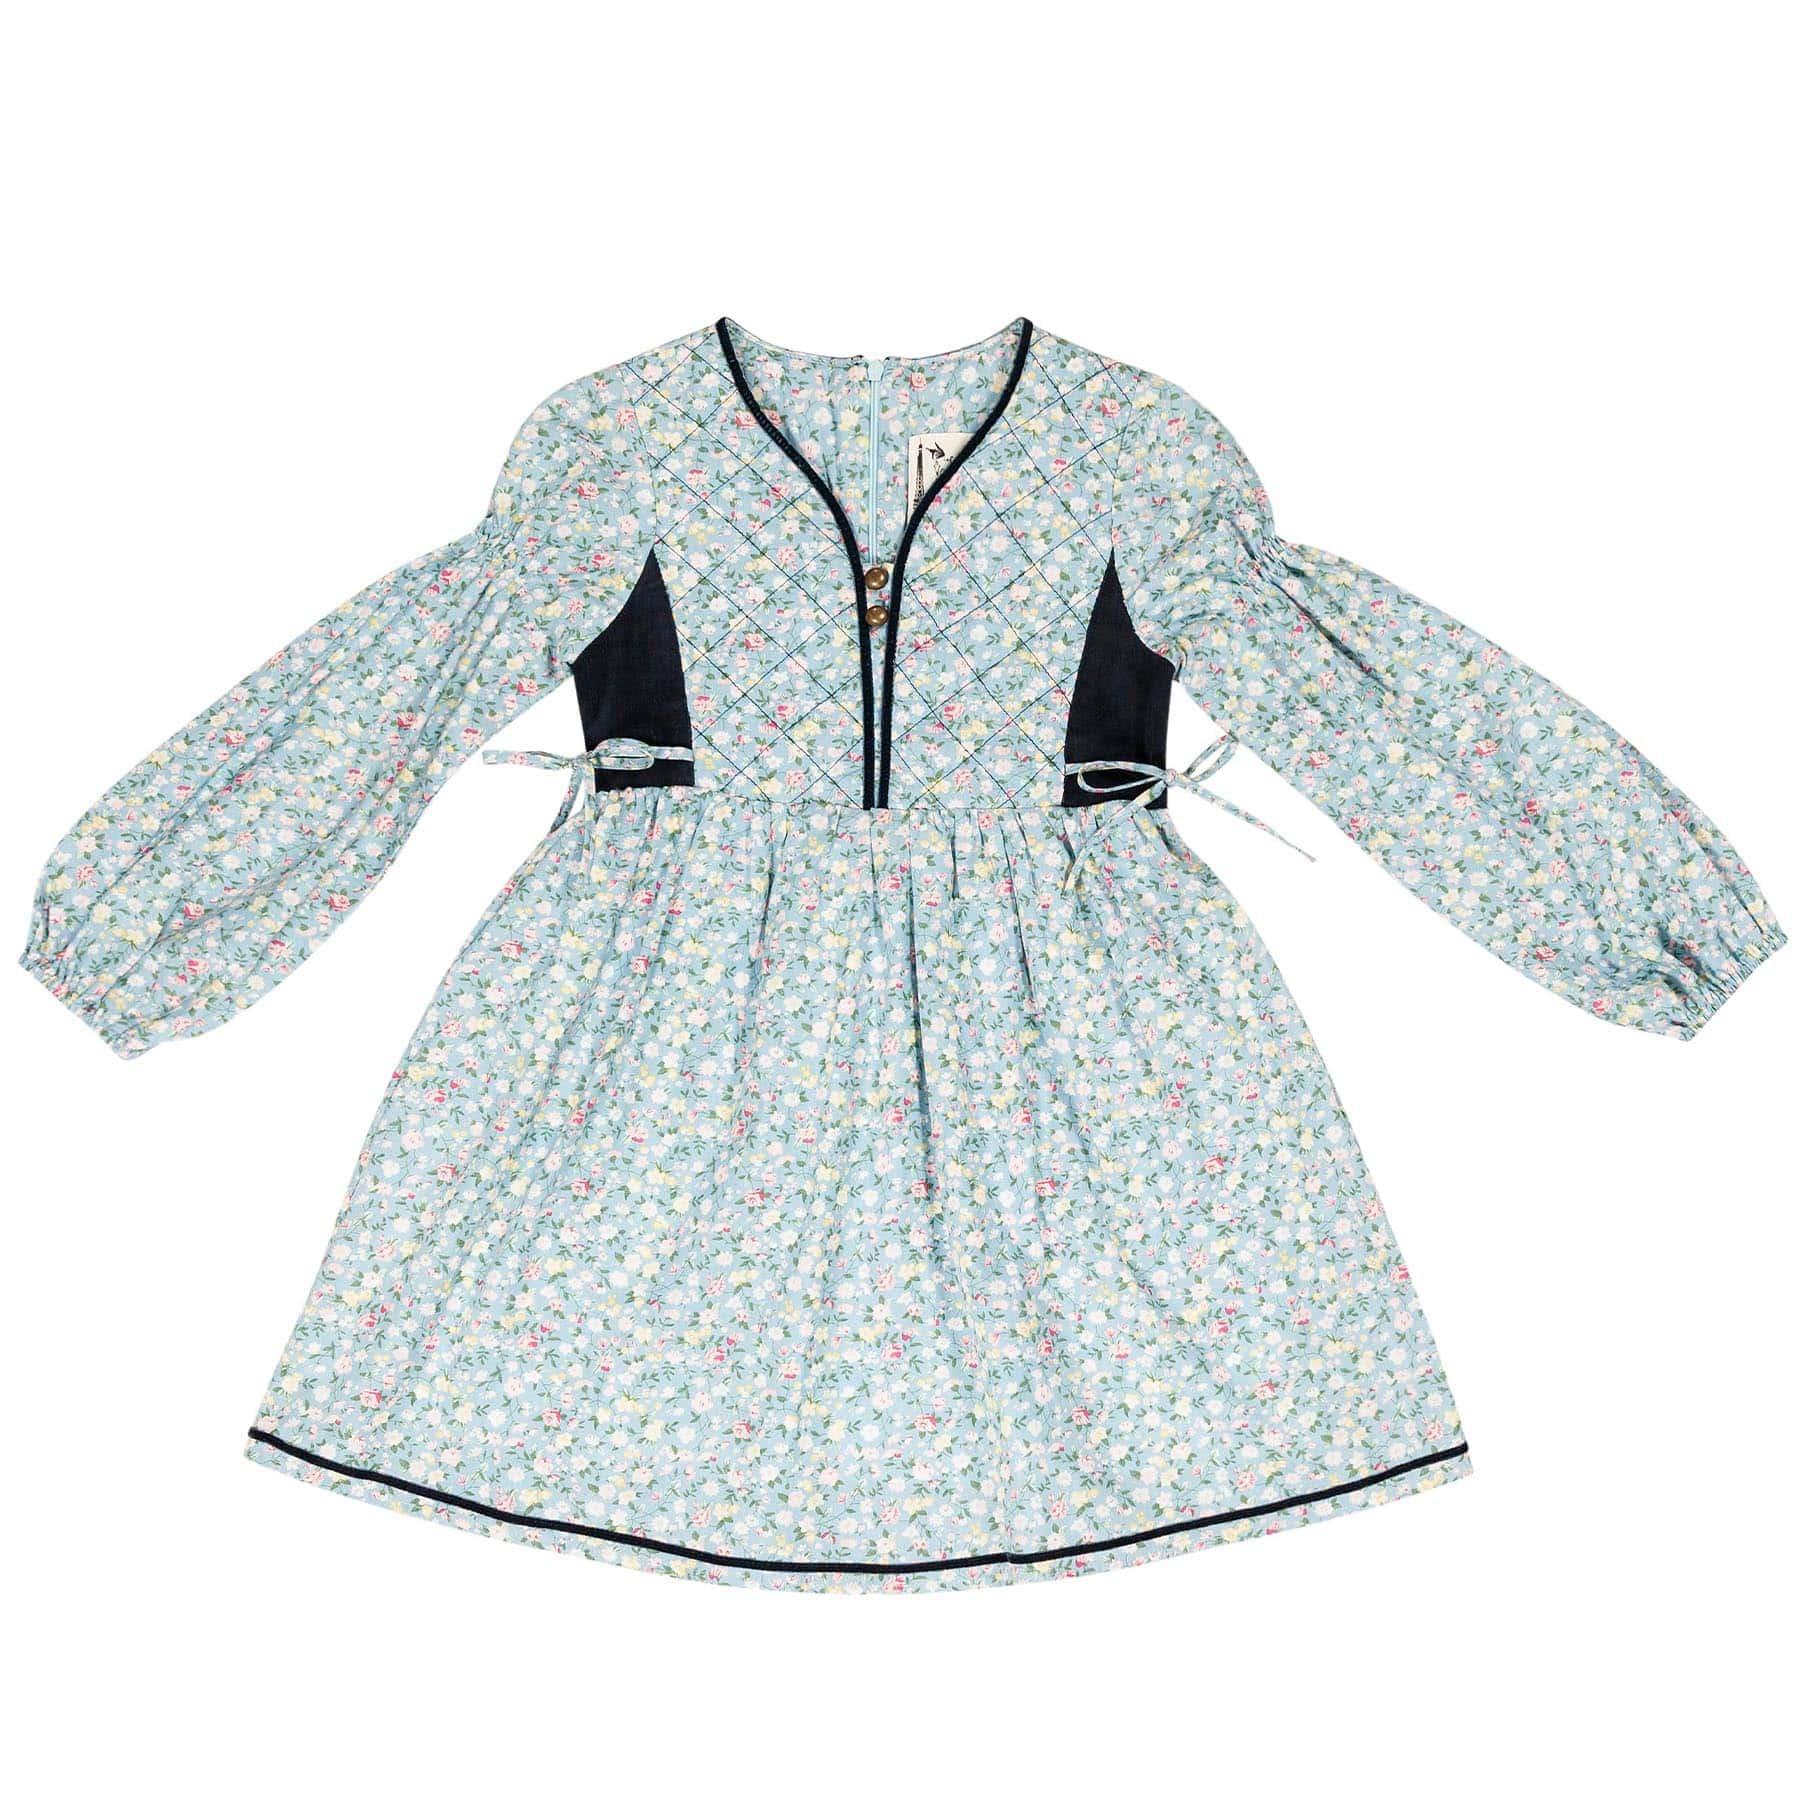 Robe matelassée en coton fleuri liberty bleu clair avec col tunisien bordé de velours bleu marine et manches ballon pour filles de 2 à 14 ans